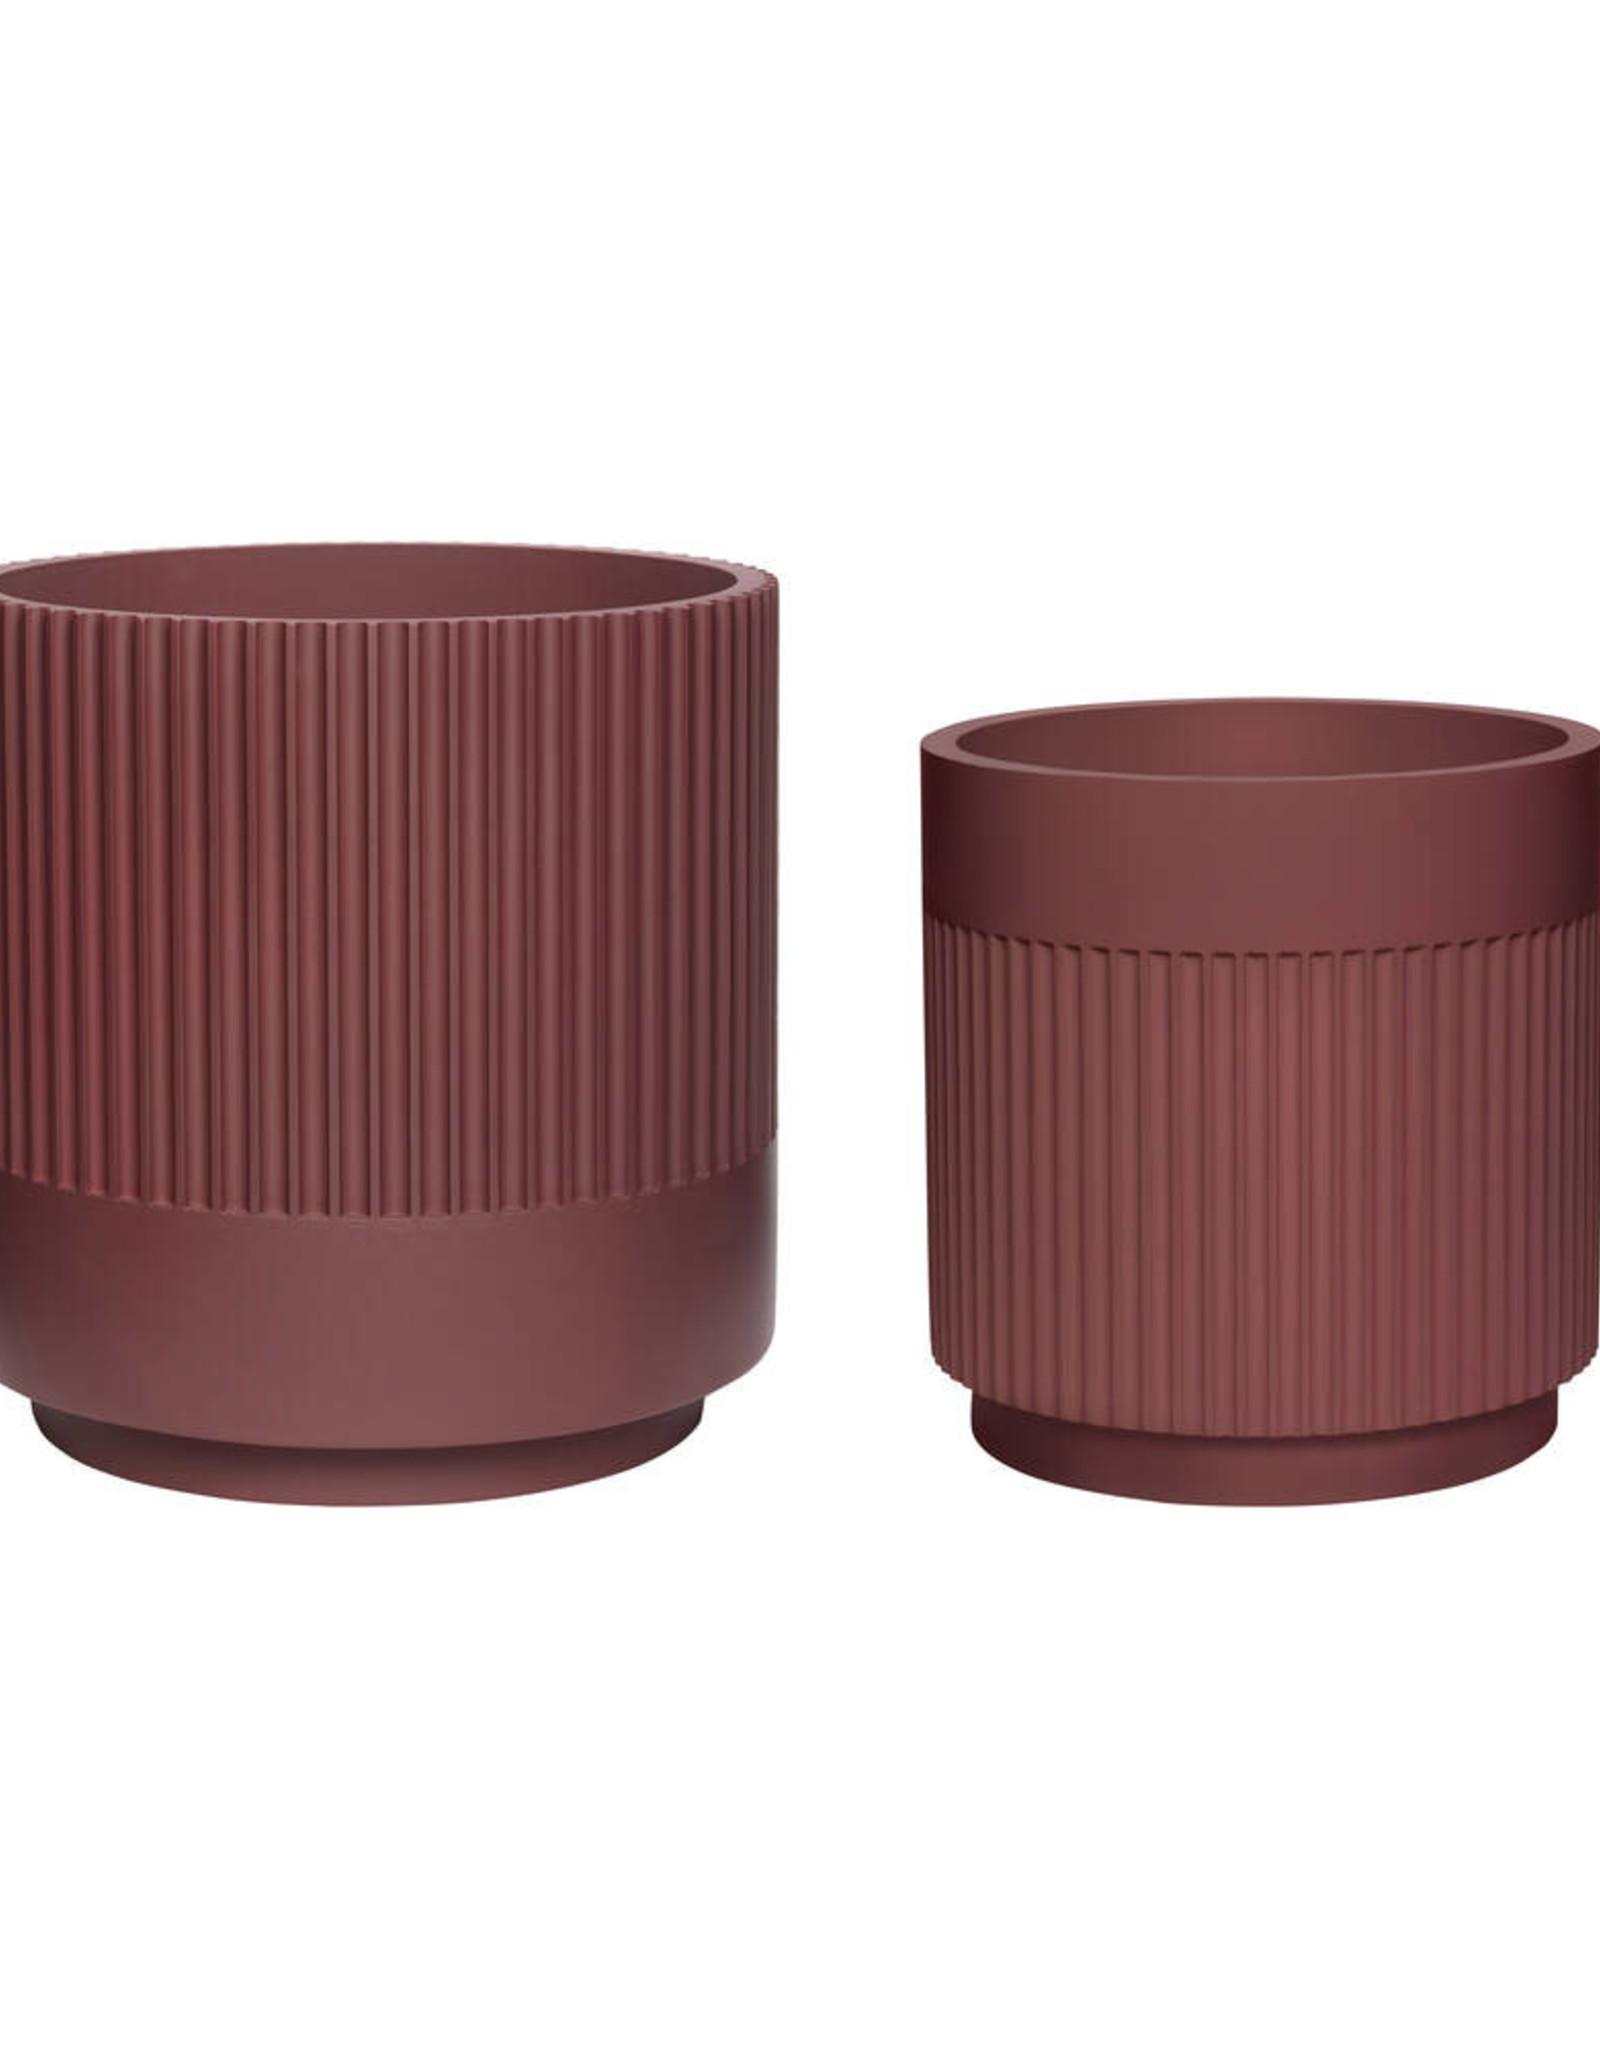 Hübsch Plaster Pot - Bordeaux ø30xh31